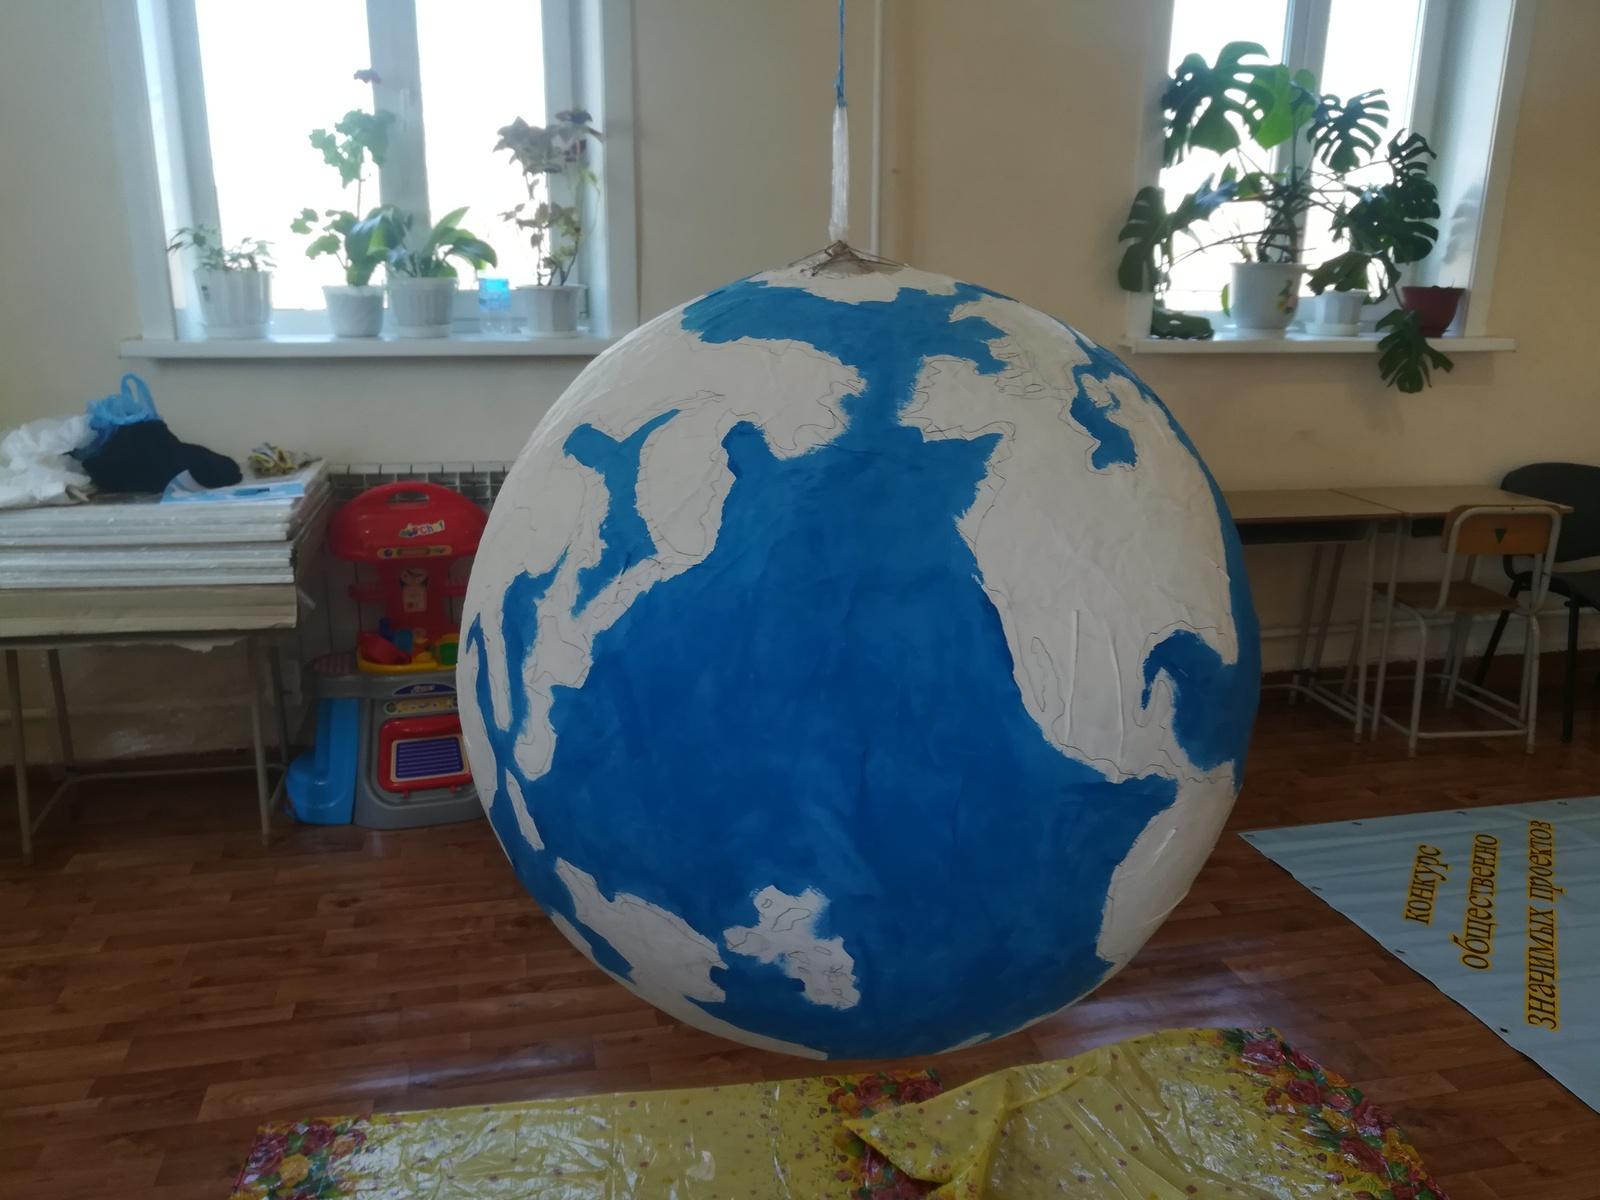 глобус из пластилина своими руками фото многочисленным вопросам просьбам